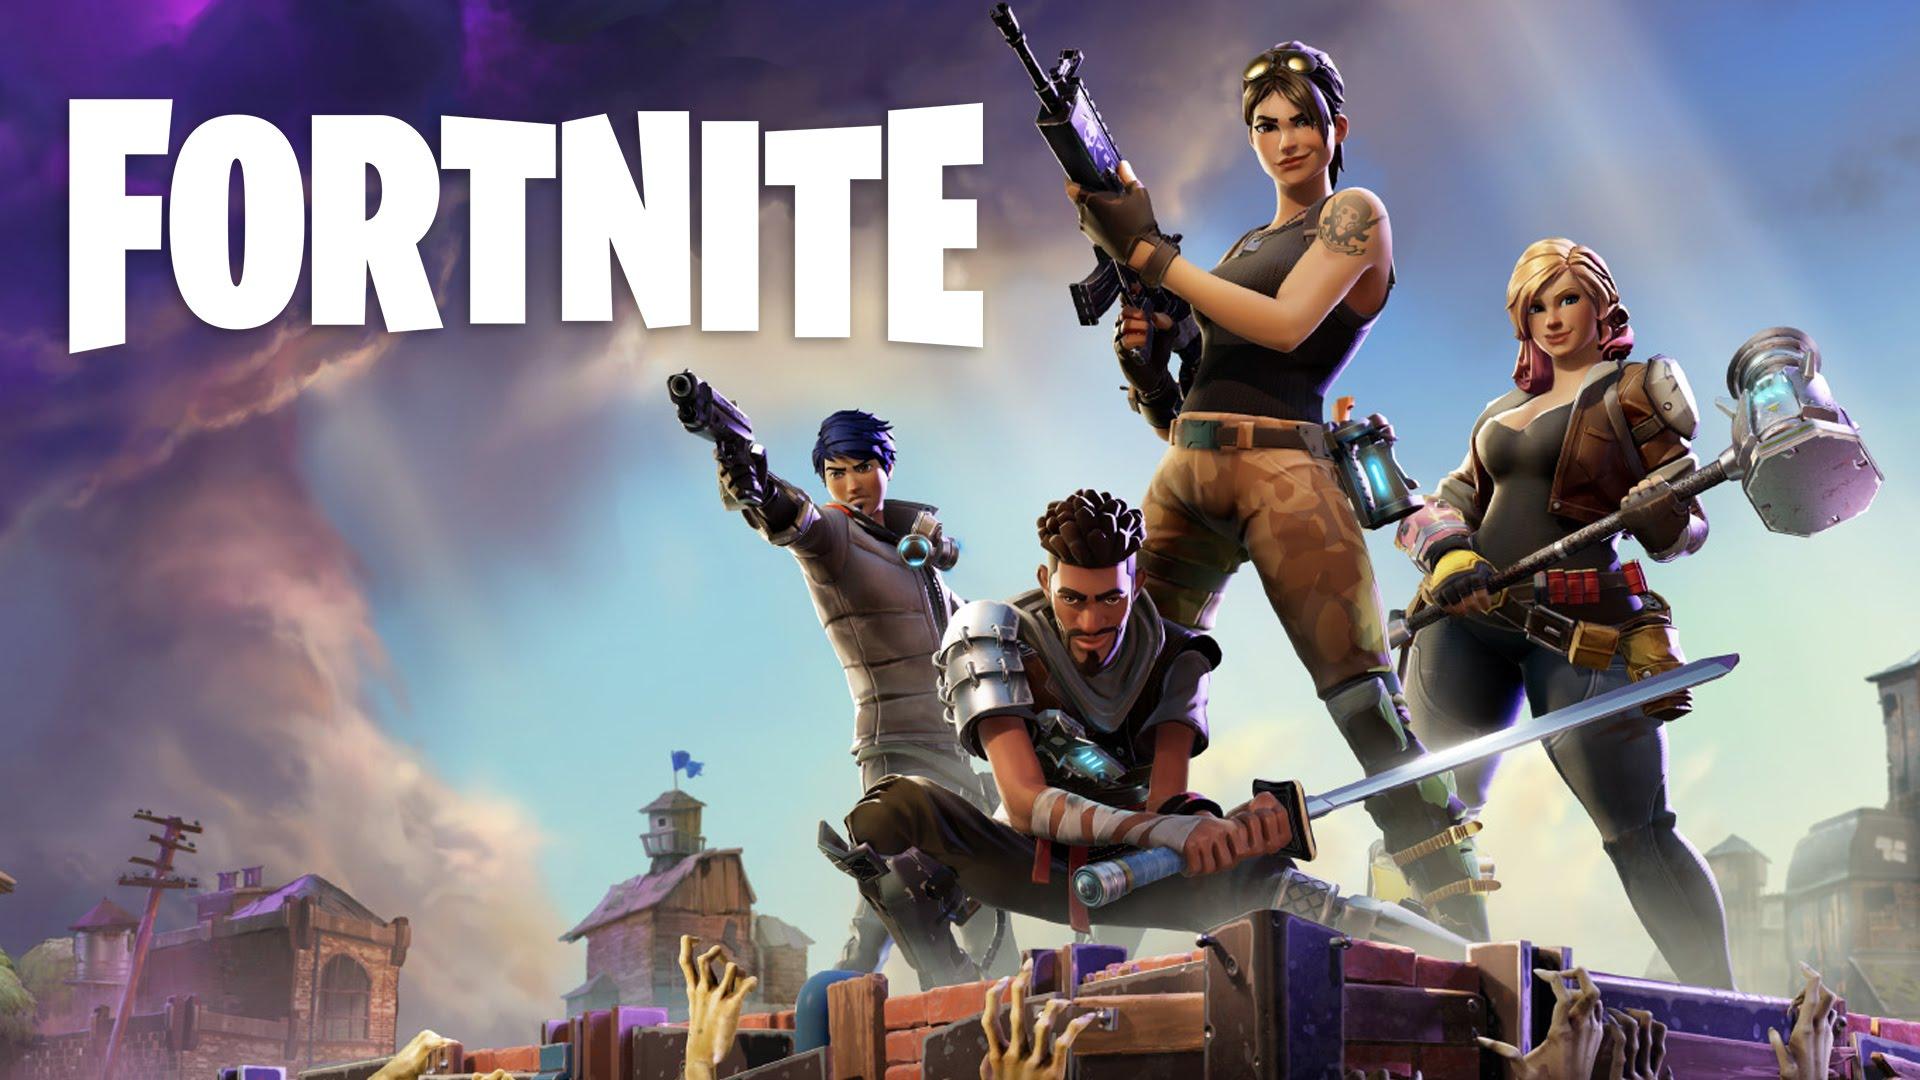 Fortnite guida download, requisiti minimi e Battle Royale